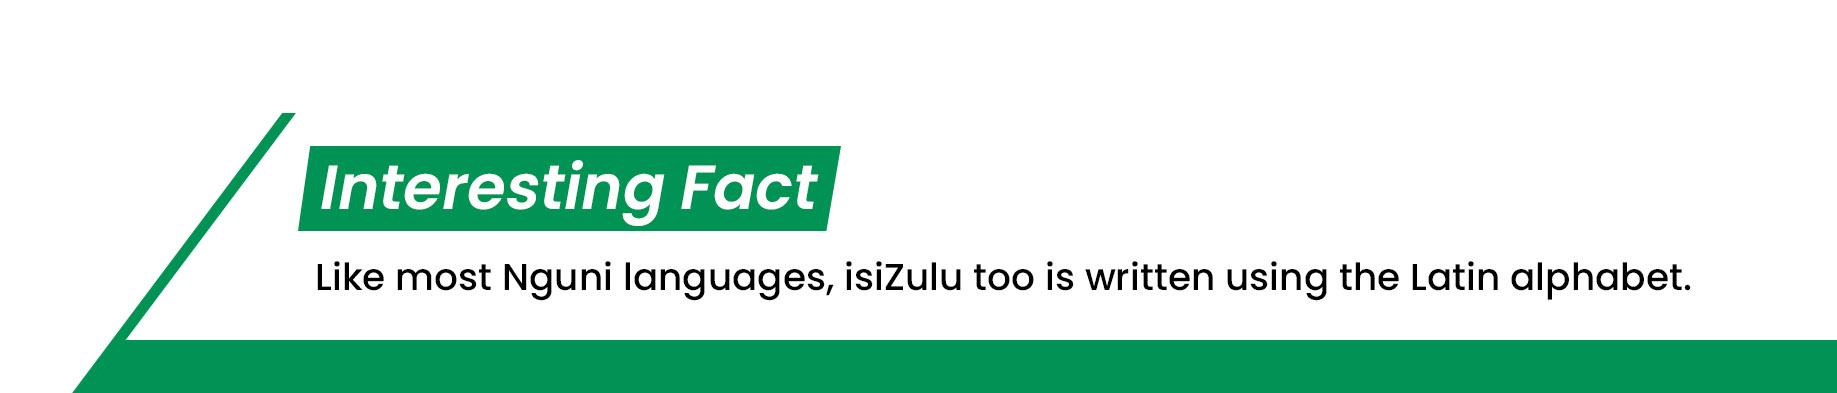 isiZulu Translation Services Johannesburg